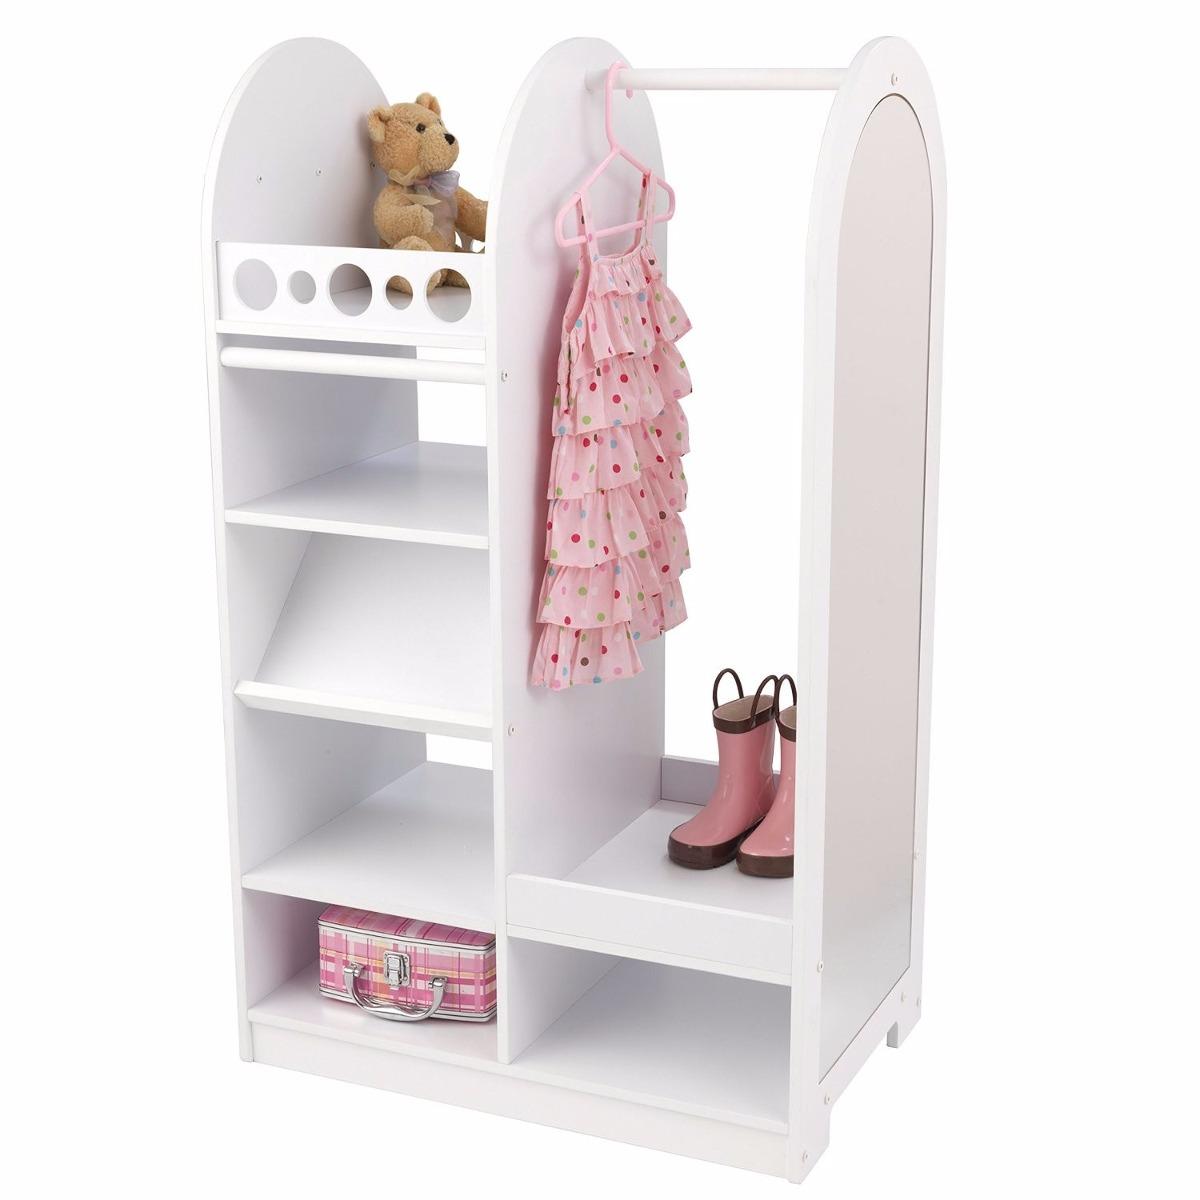 Ropero roperito closet para ni a con espejo kid craft vv4 for Roperos para cuartos de ninas